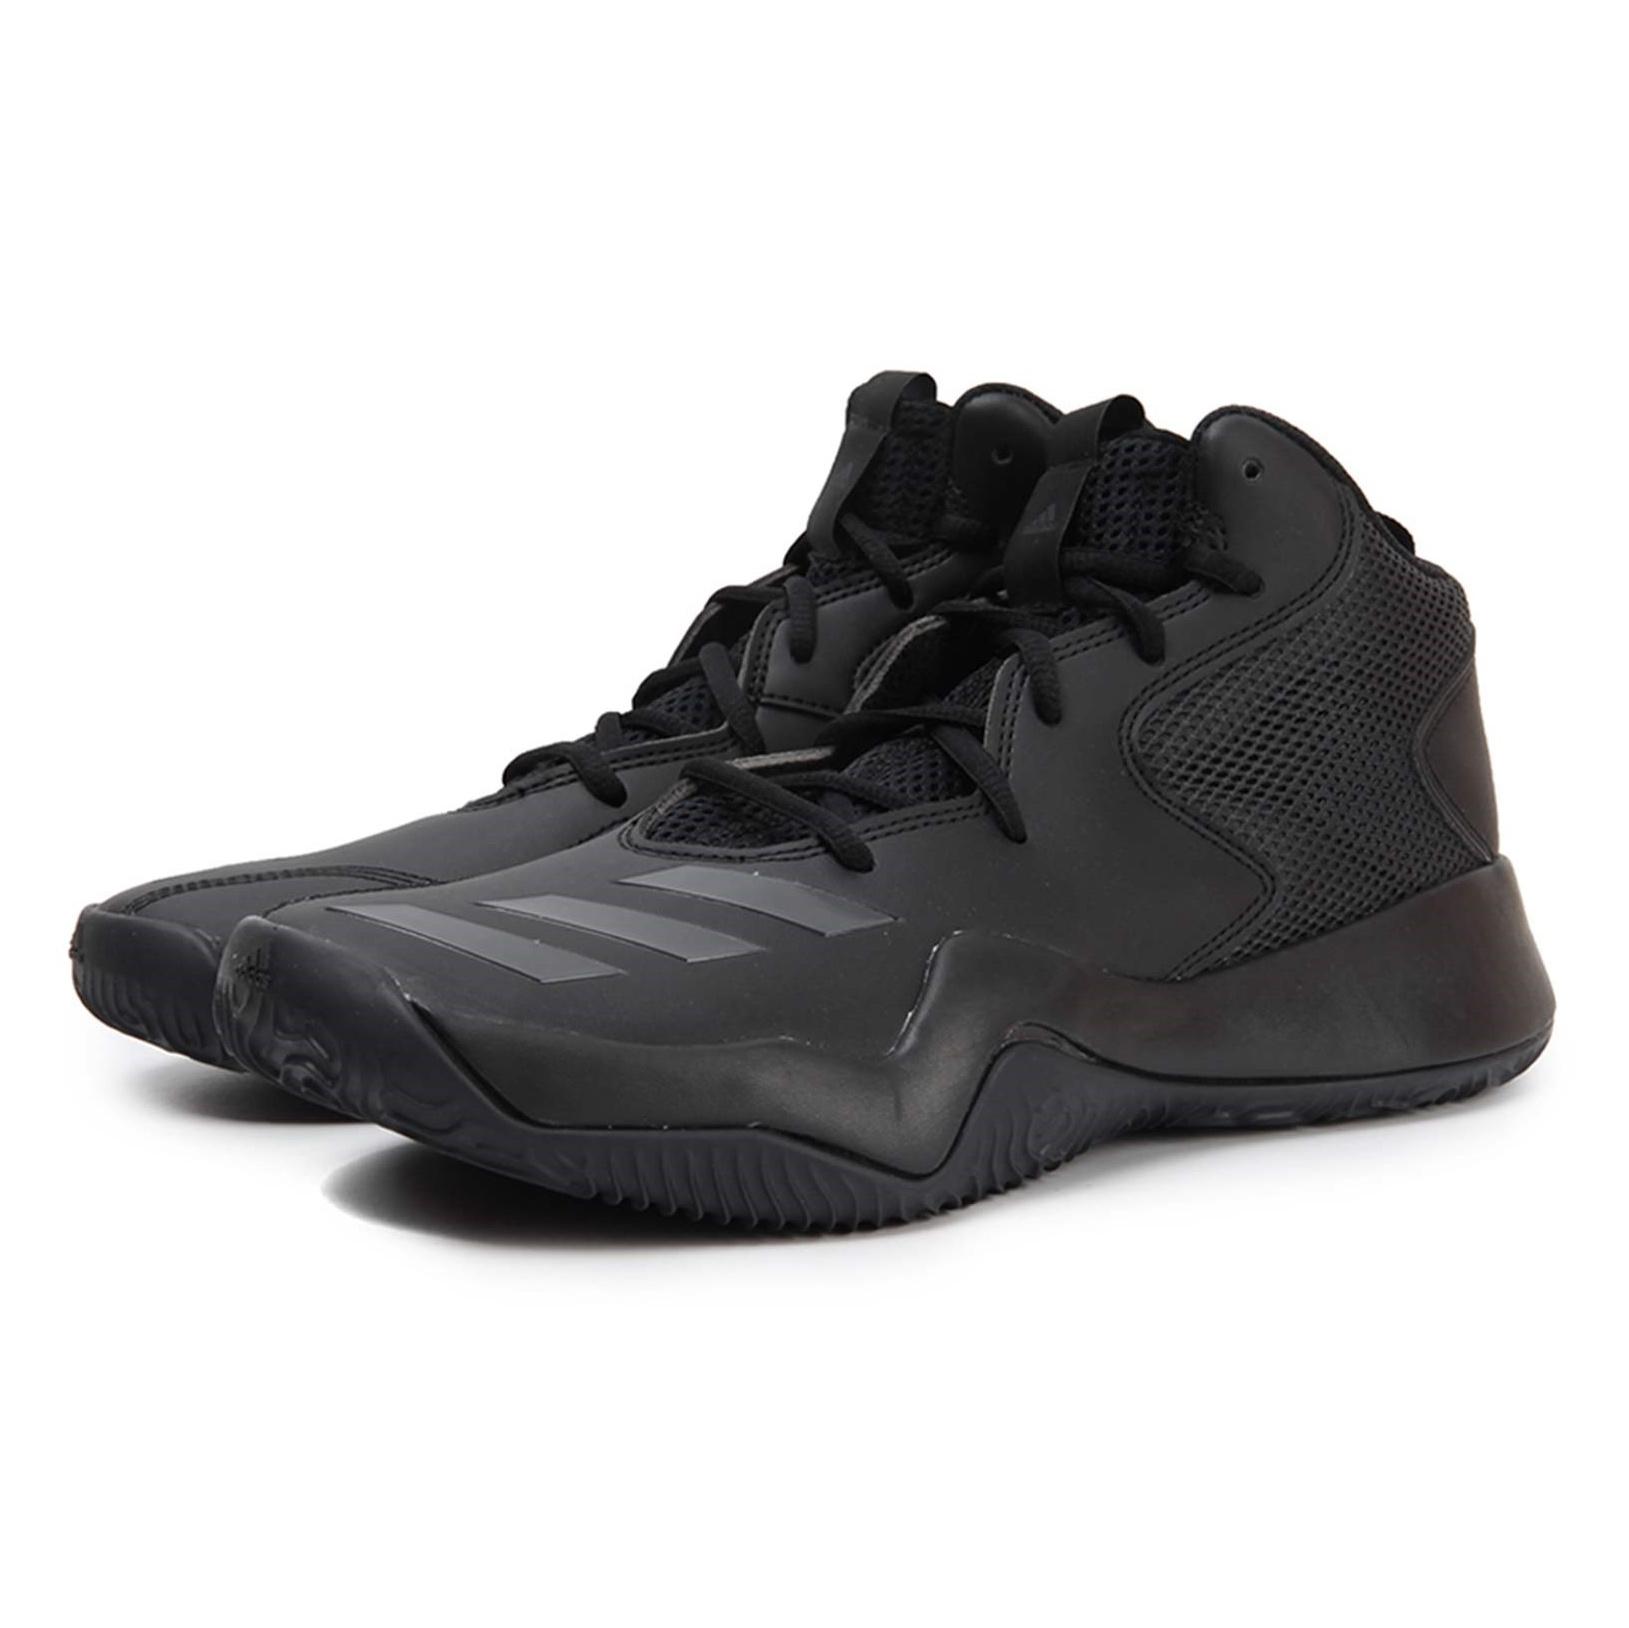 کفش بسکتبال مردانه آدیداس مدل Crazy Team -  - 3